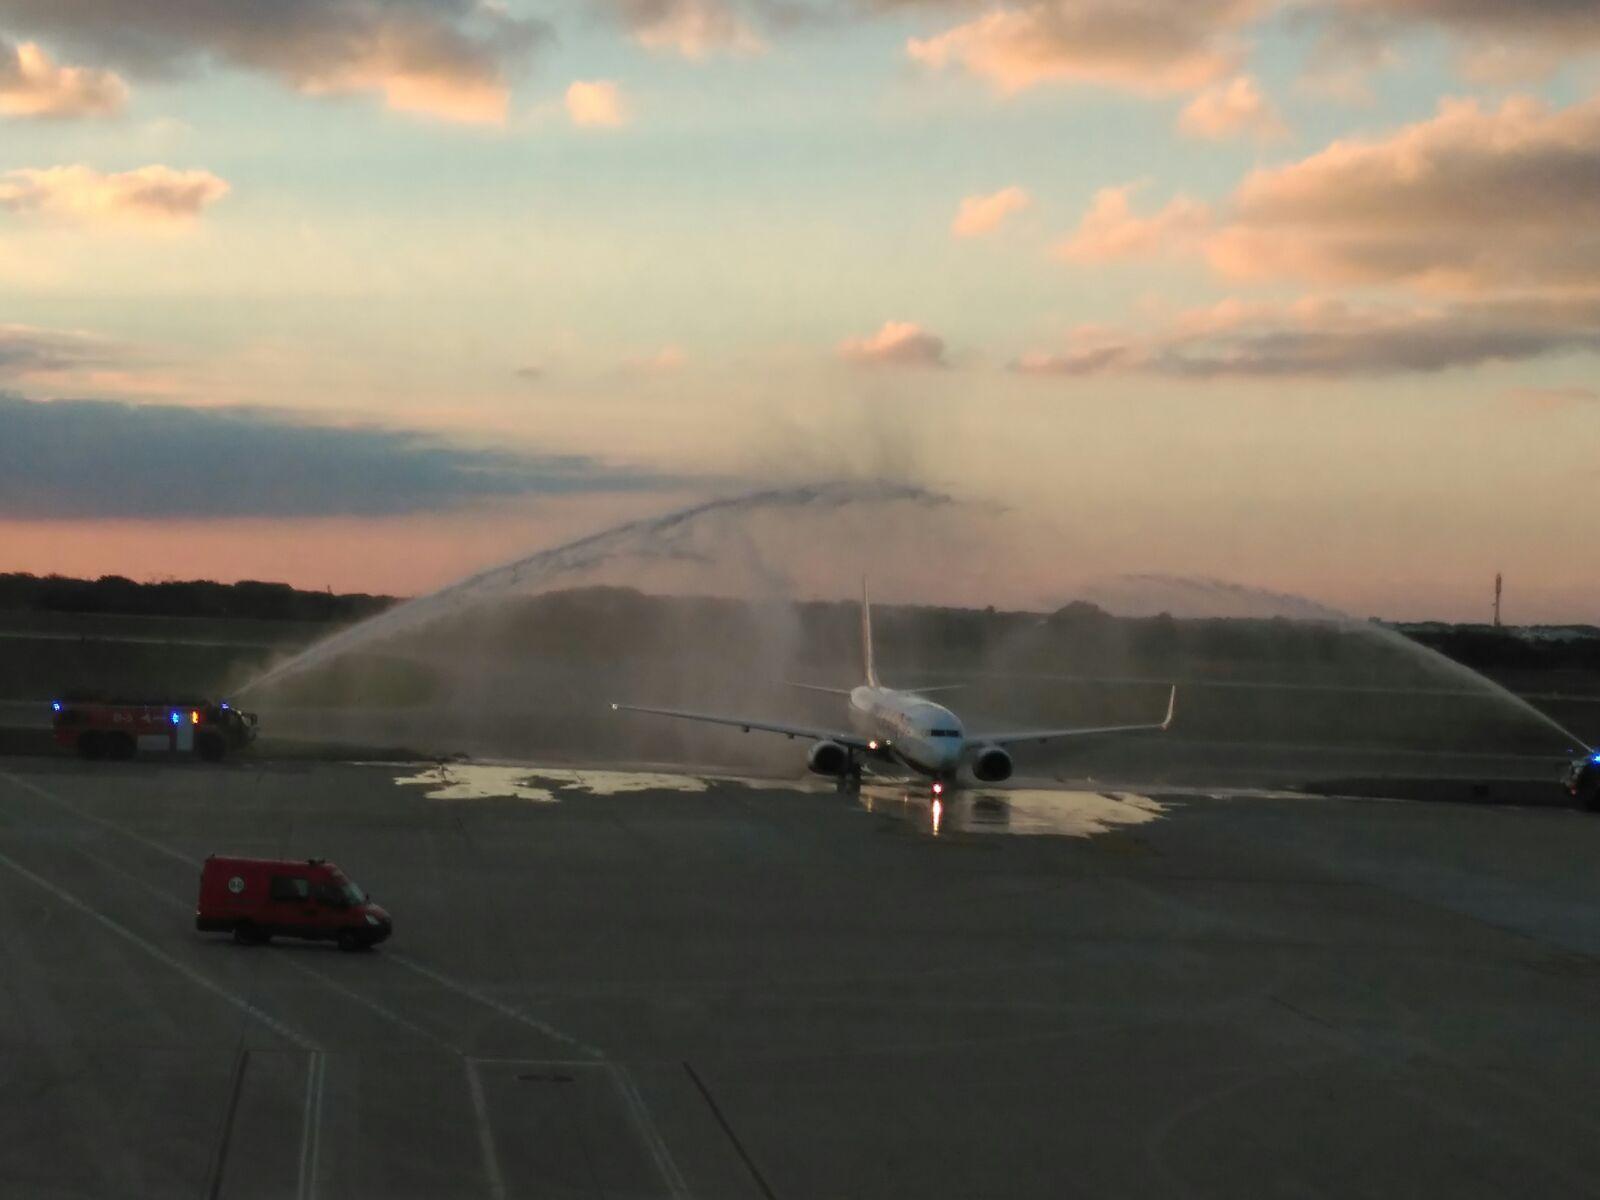 Ryanair recupera la ruta Barcelona – Menorca para la temporada de invierno 2016 – 2017